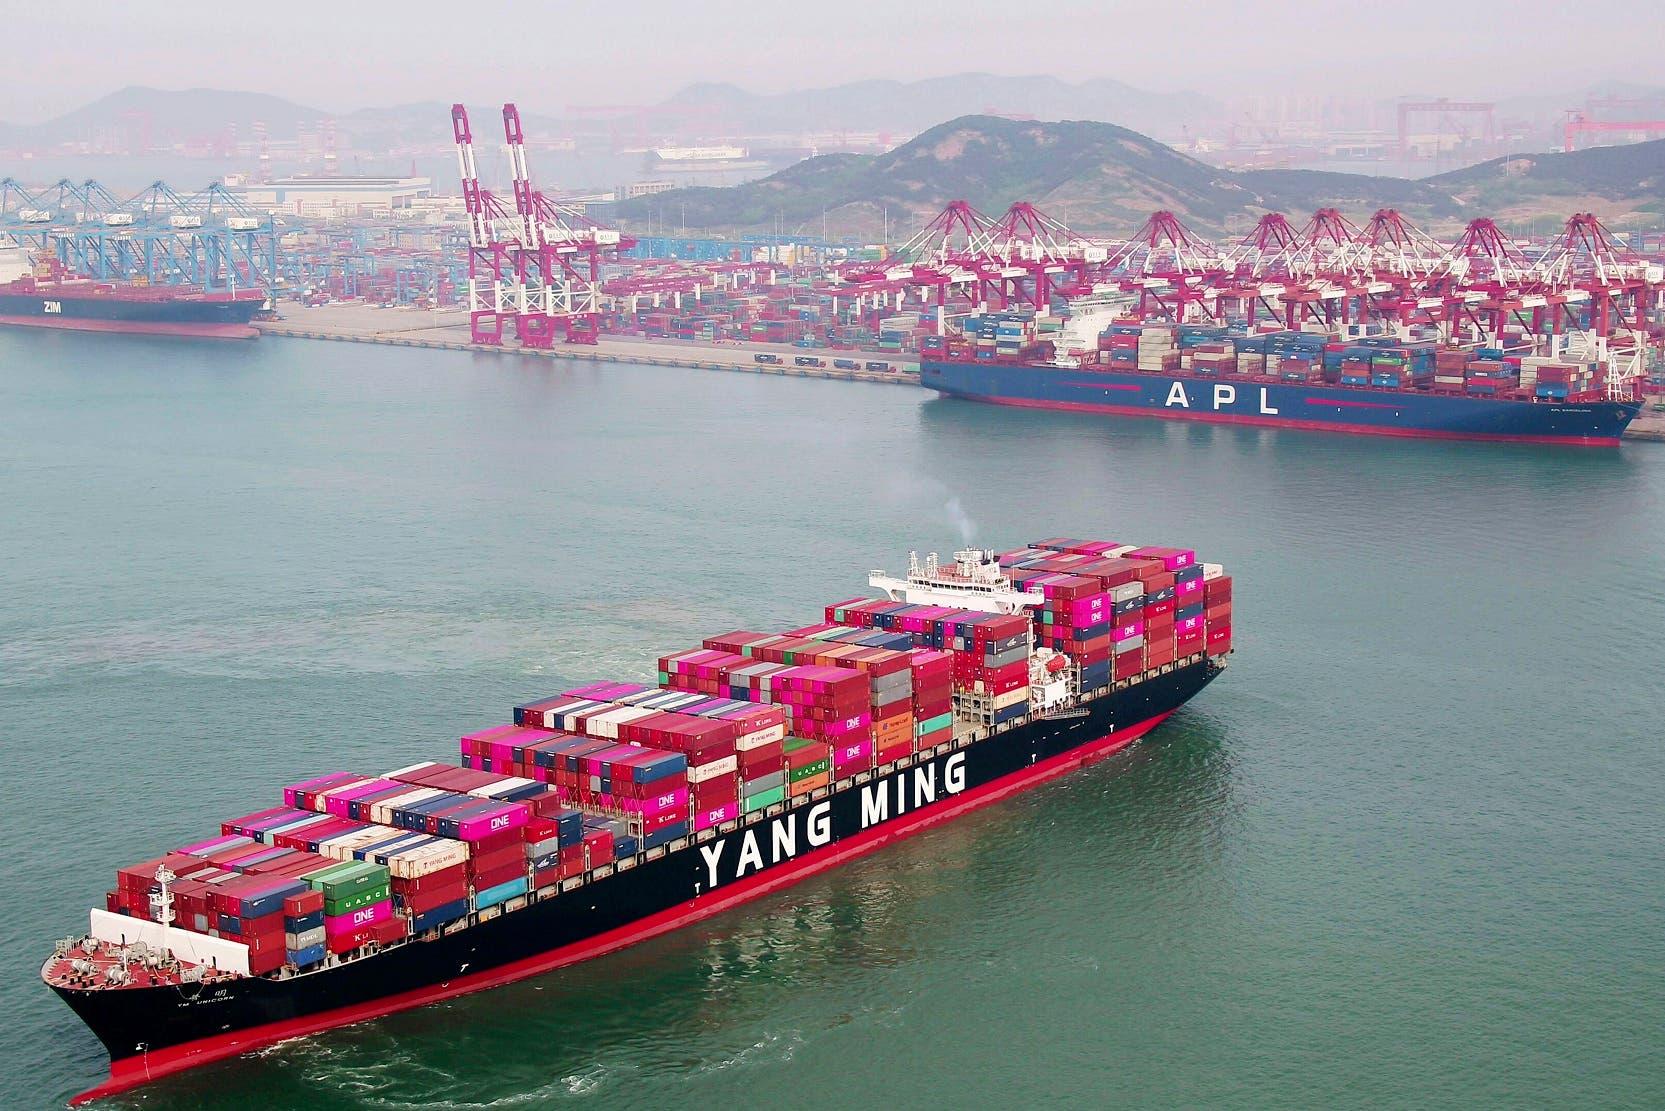 Un buque cargado con contenedores de mercancía parte del puerto de Qingdao, en la provincia de Shandong, en el este de China el 8 de mayo de 2019. (Chinatopix vía AP)